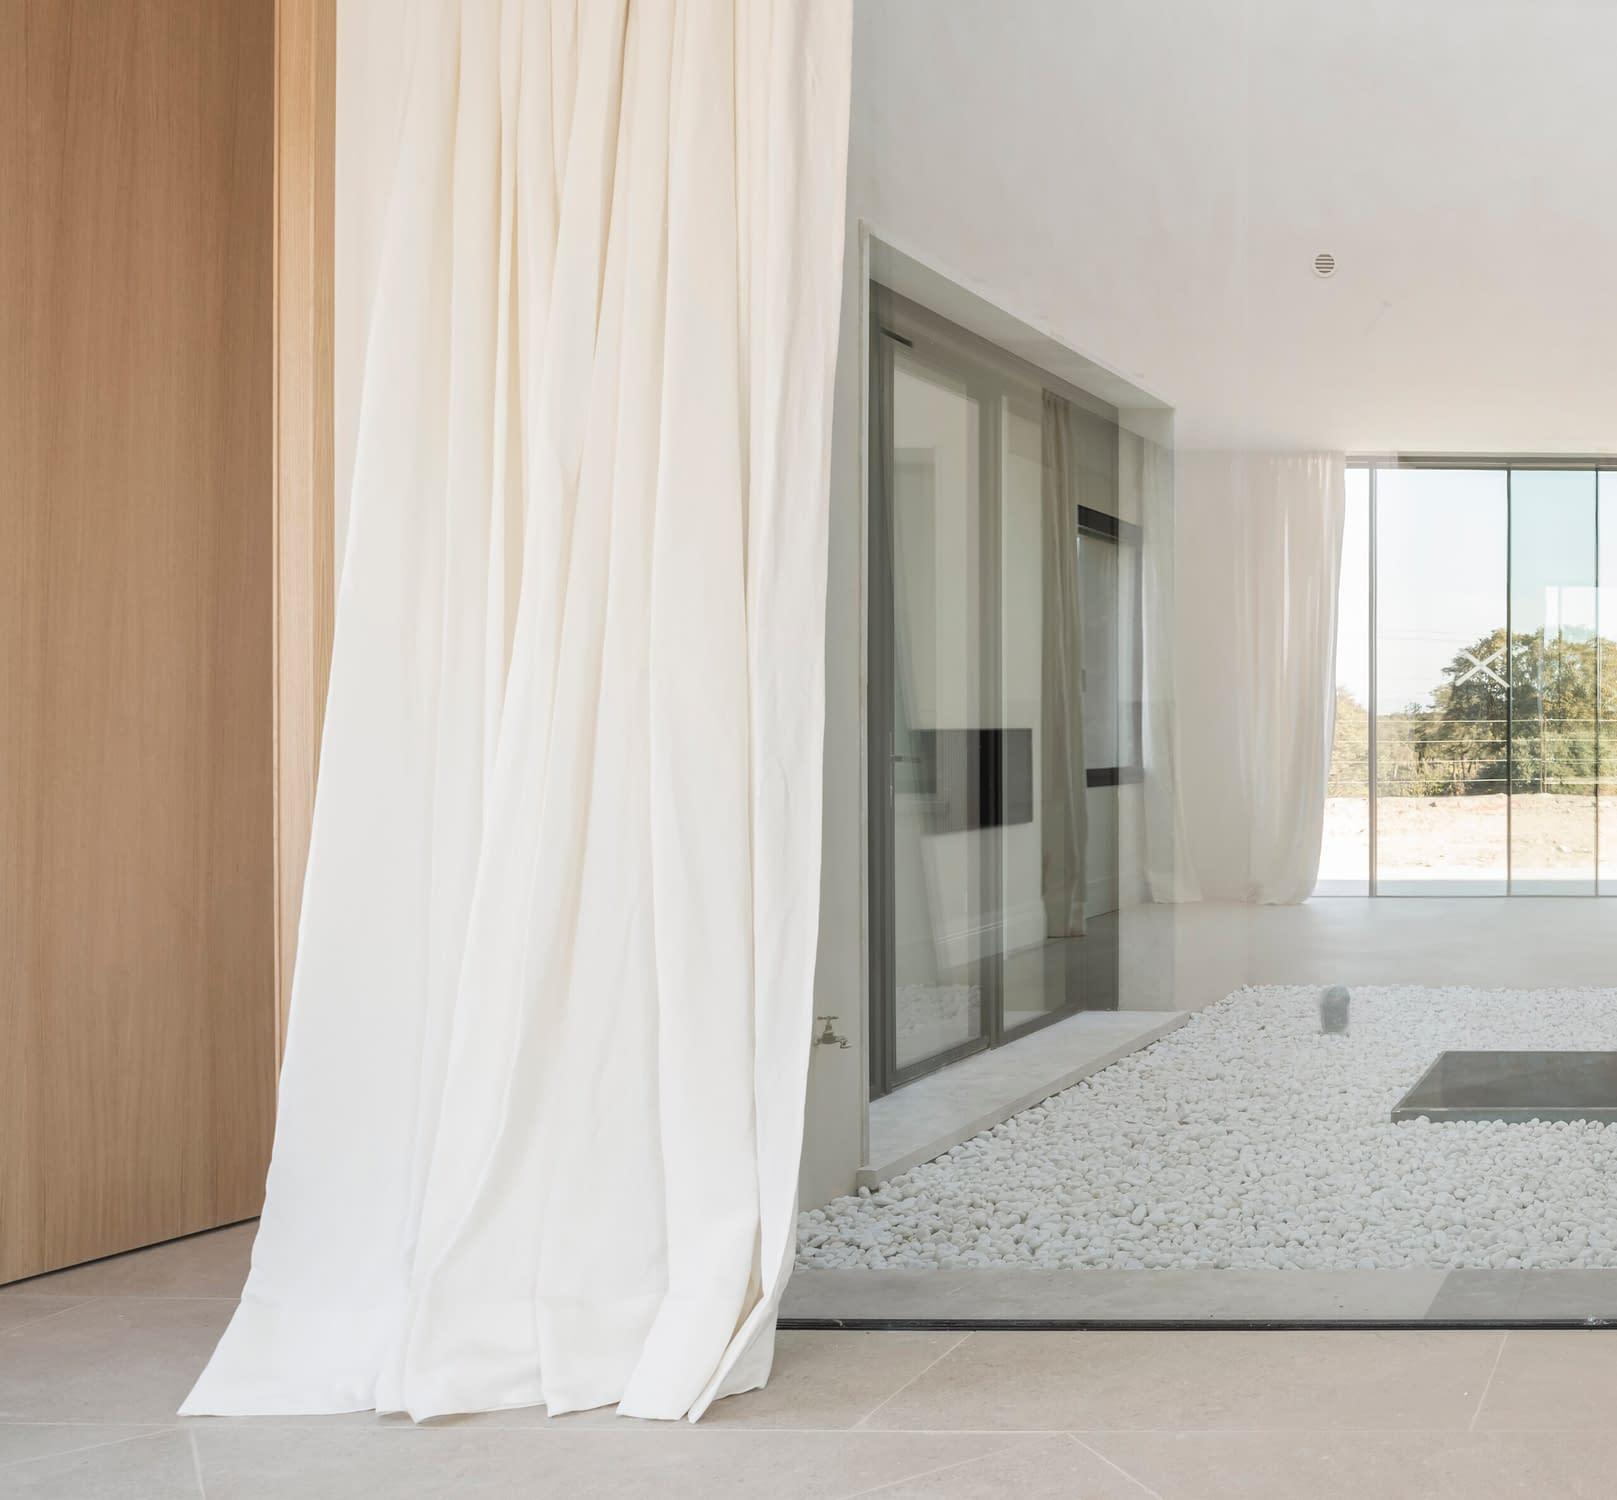 Detalle construcción vivienda unifamiliar en La Florida, Madrid 2